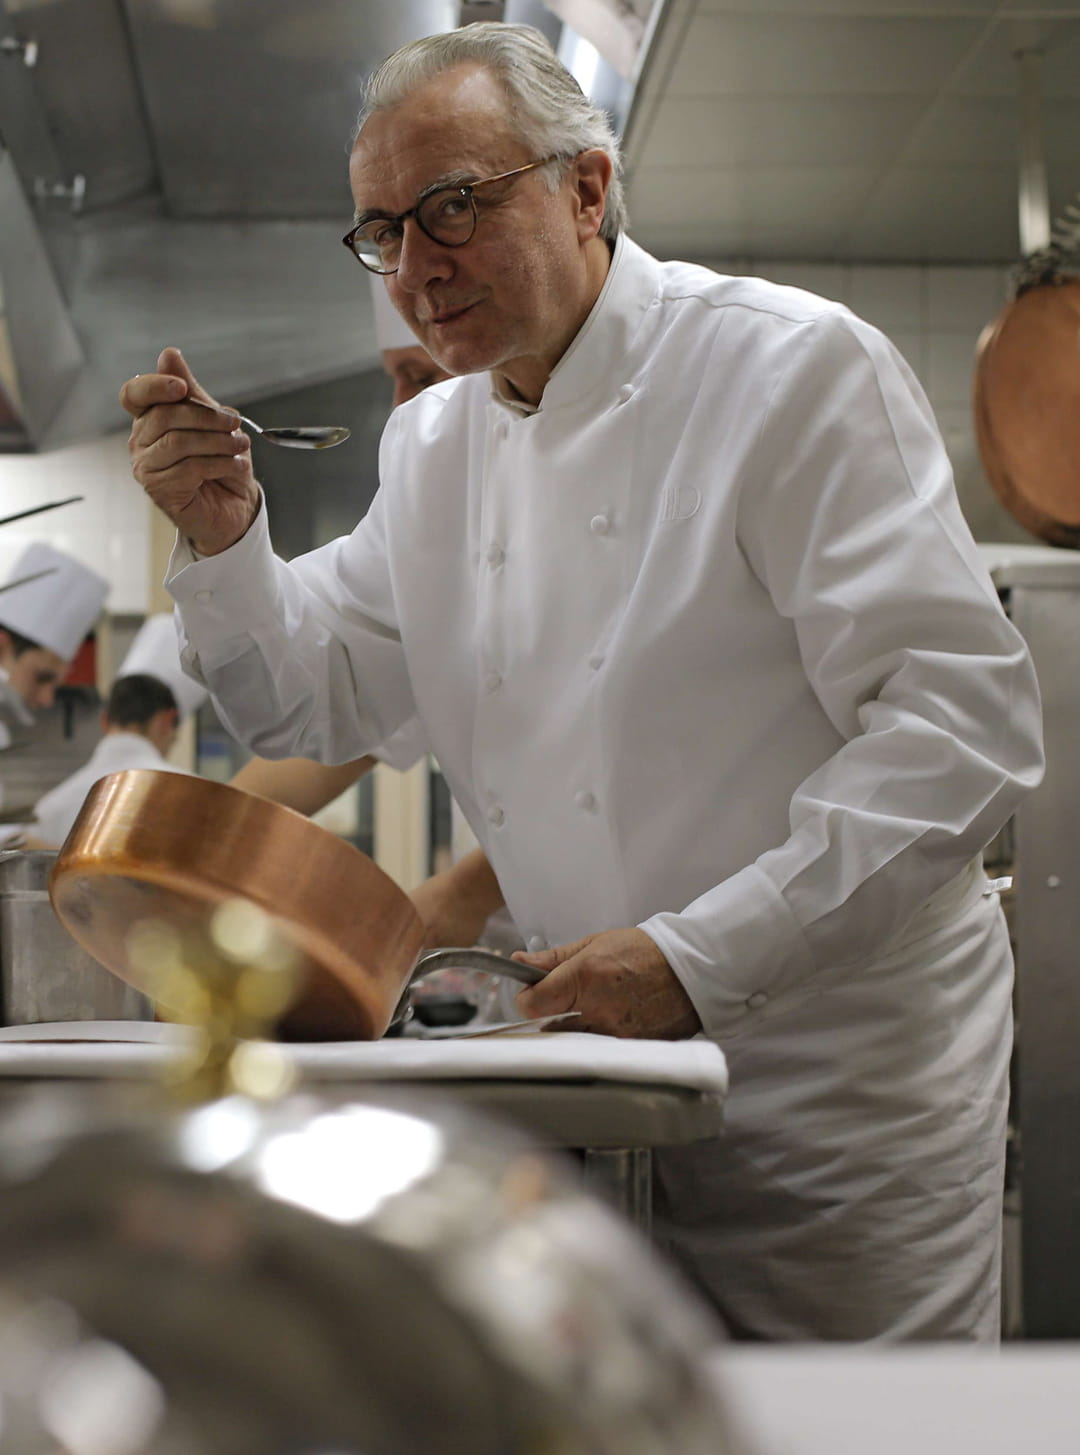 Alain Ducasse Biographie Du Chef Aux 20 Etoiles